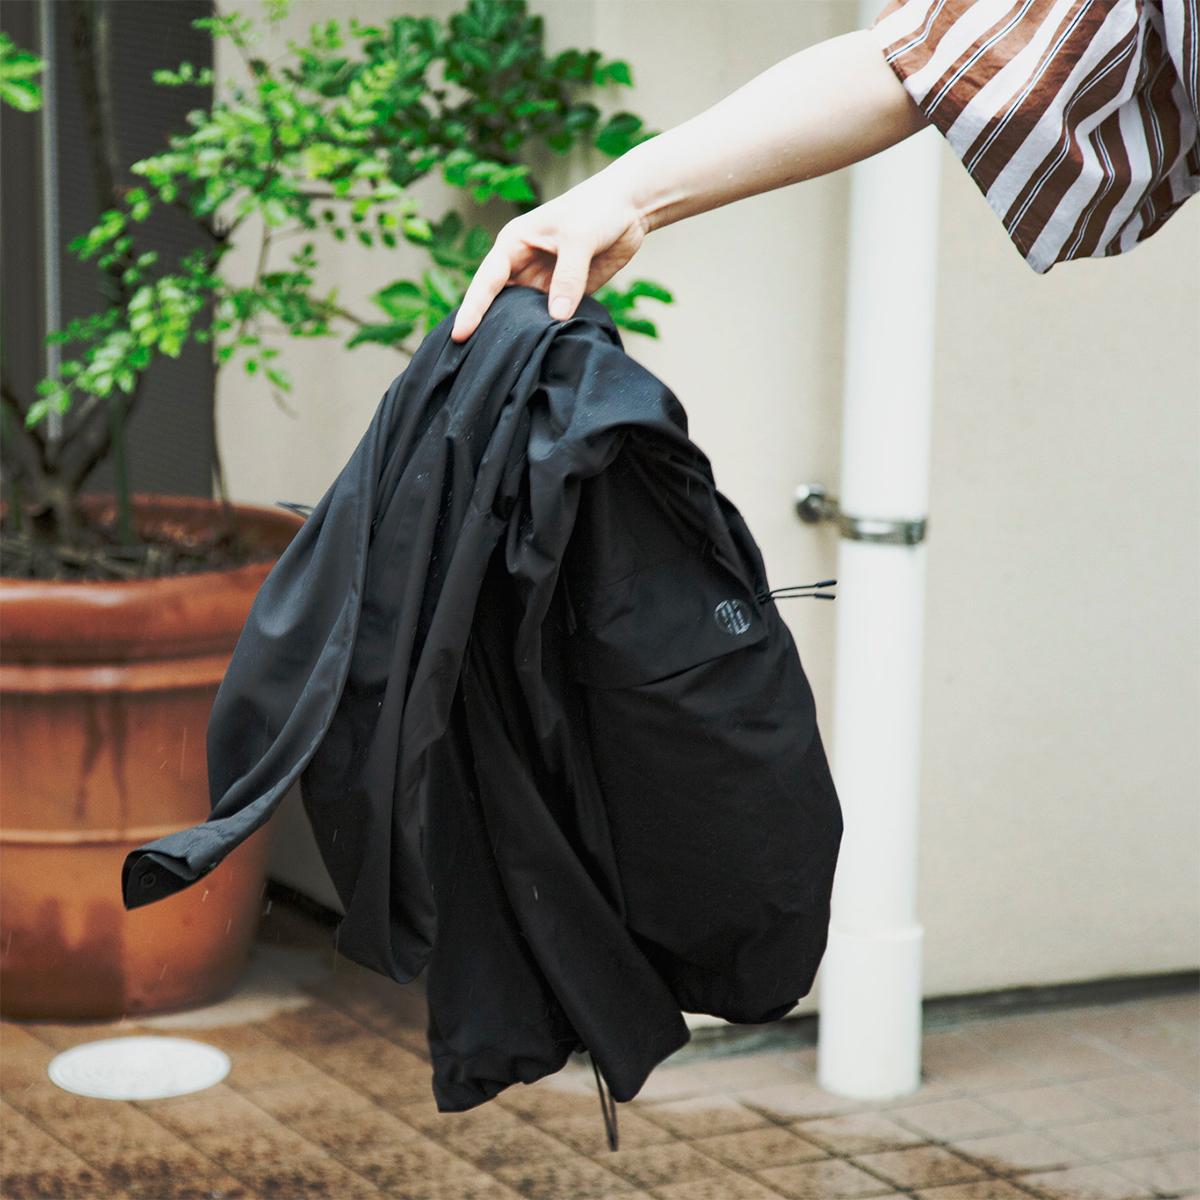 日中はサコッシュ、肌寒い朝晩はアウターに!さっと振りはらうだけでサラサラの状態を保てる高撥水生地の「バッグ一体型パーカー」| SANYO ENJIN